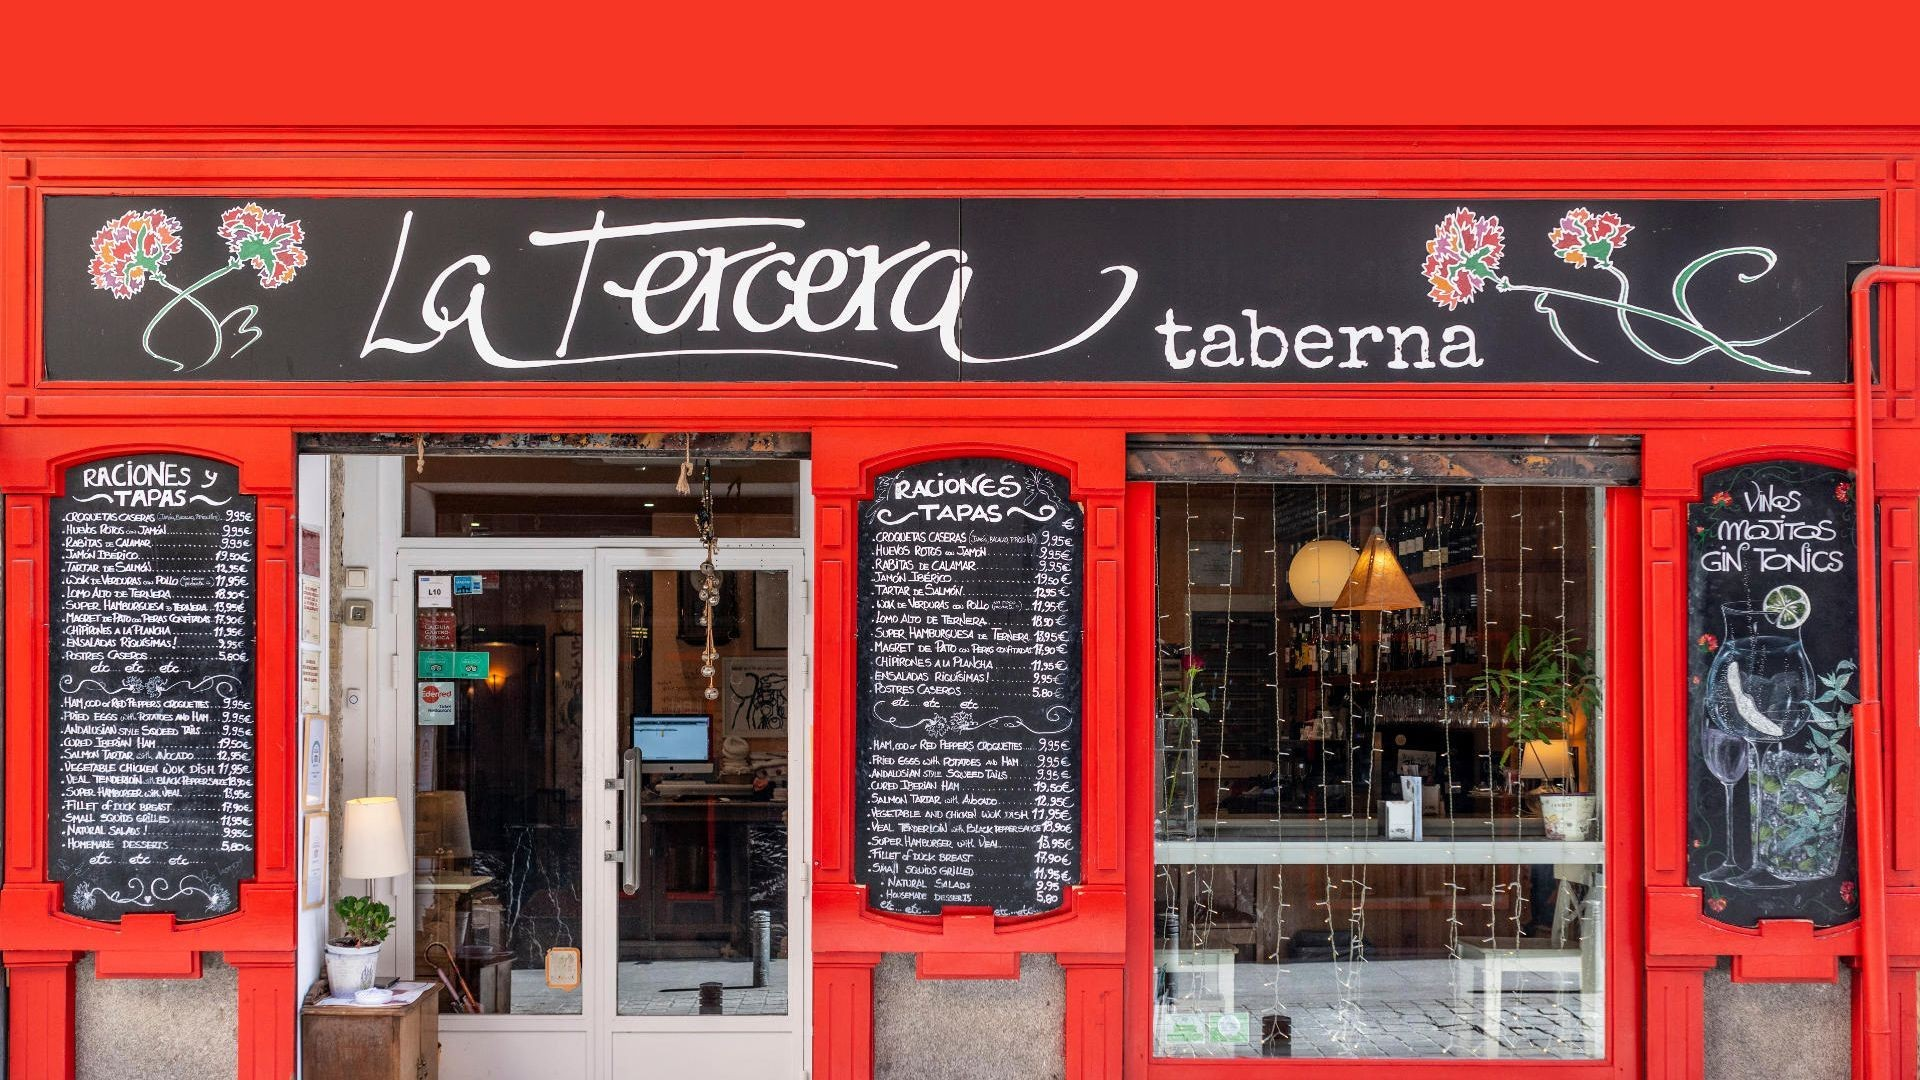 Taberna de cocina madrileña en el Barrio de las Letras, Madrid